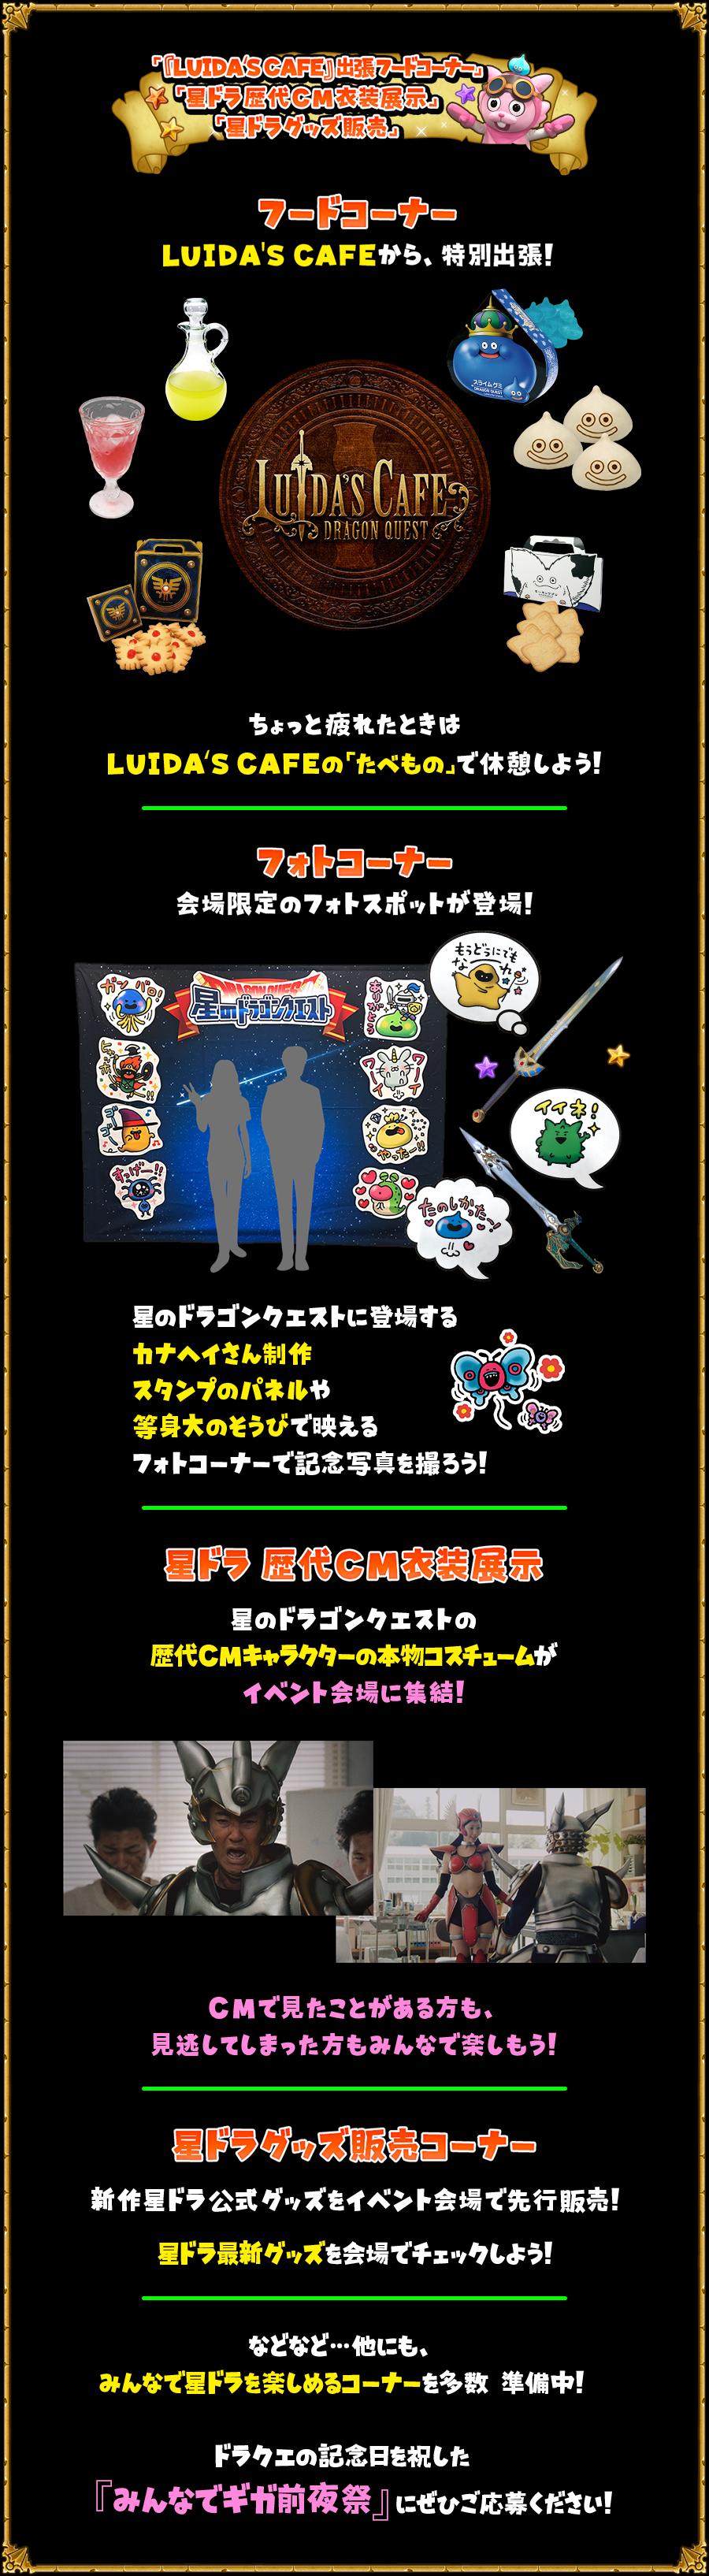 東京・六本木「『LUIDA'SBAR』出張フードコーナー」「星ドラ歴代CM衣装展示」「星ドラグッズ販売」